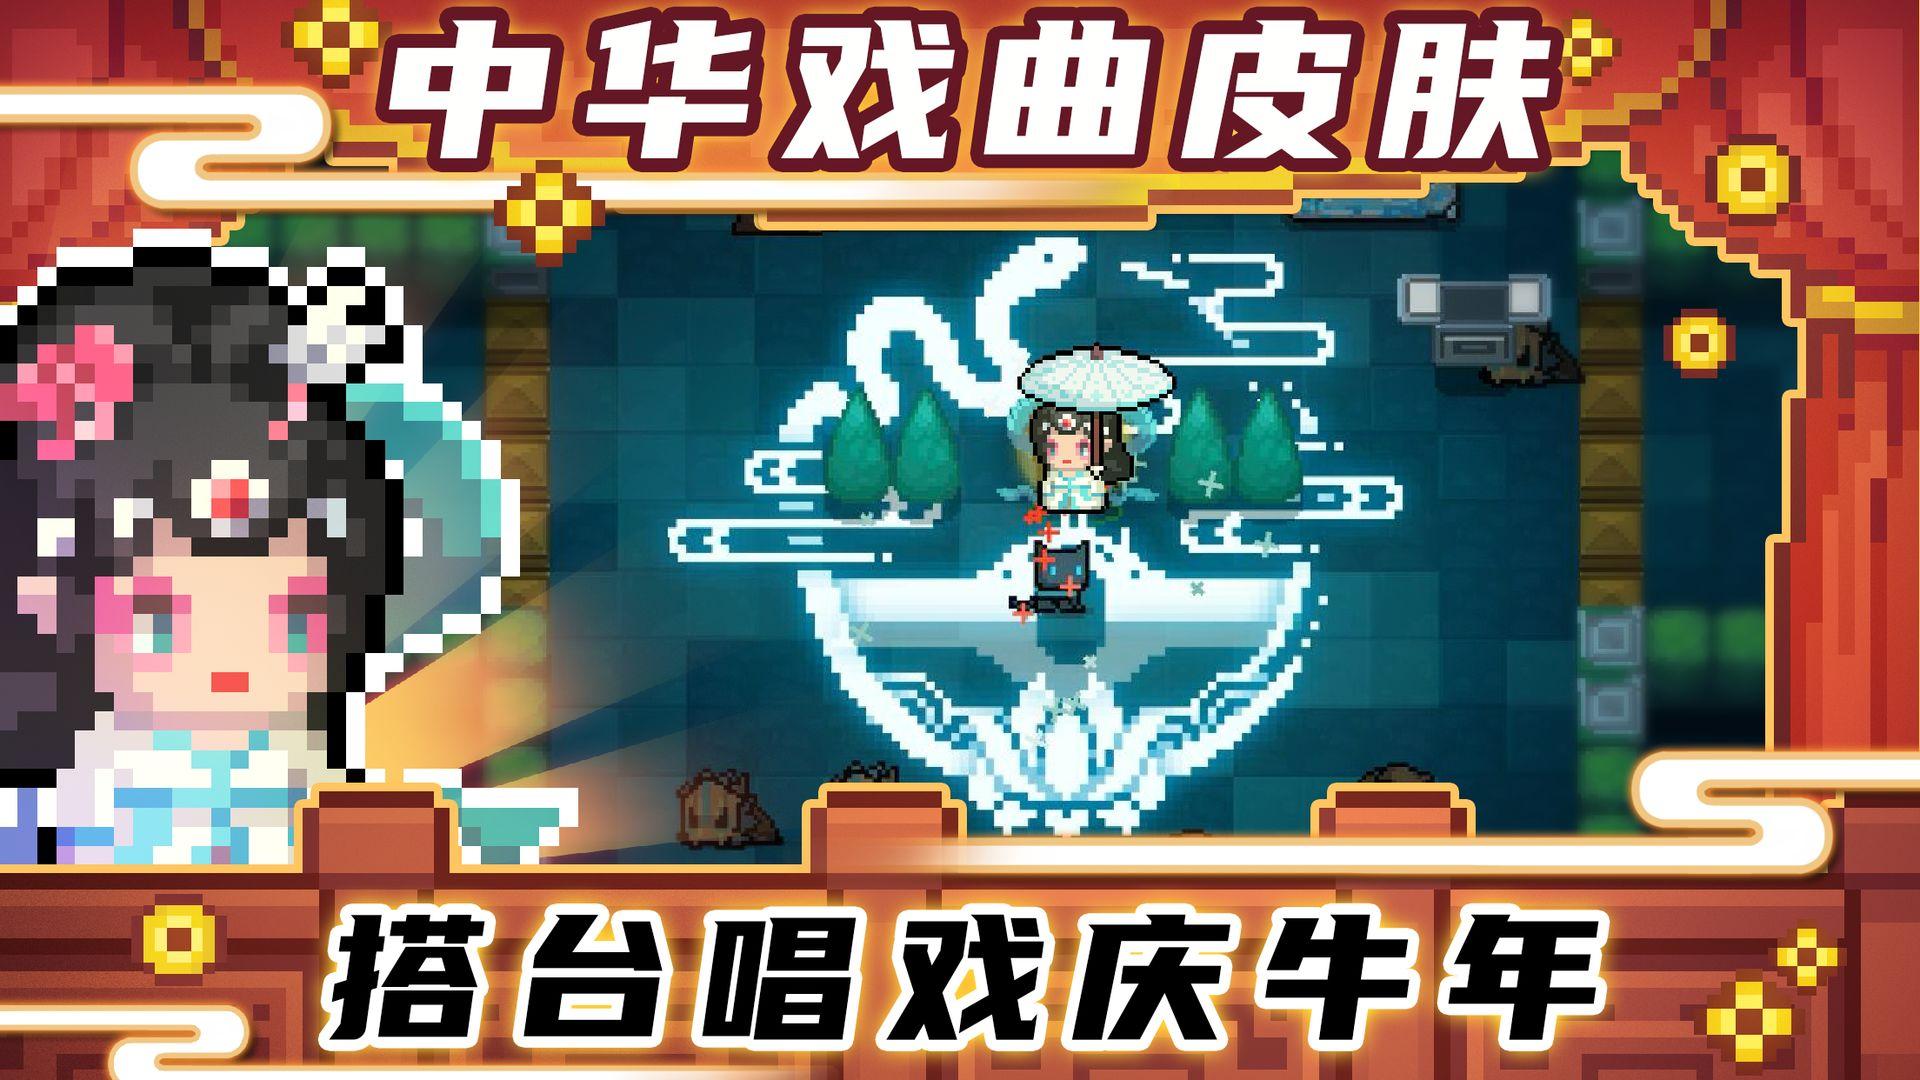 元气骑士破解版最新版无限蓝无限技能图1: